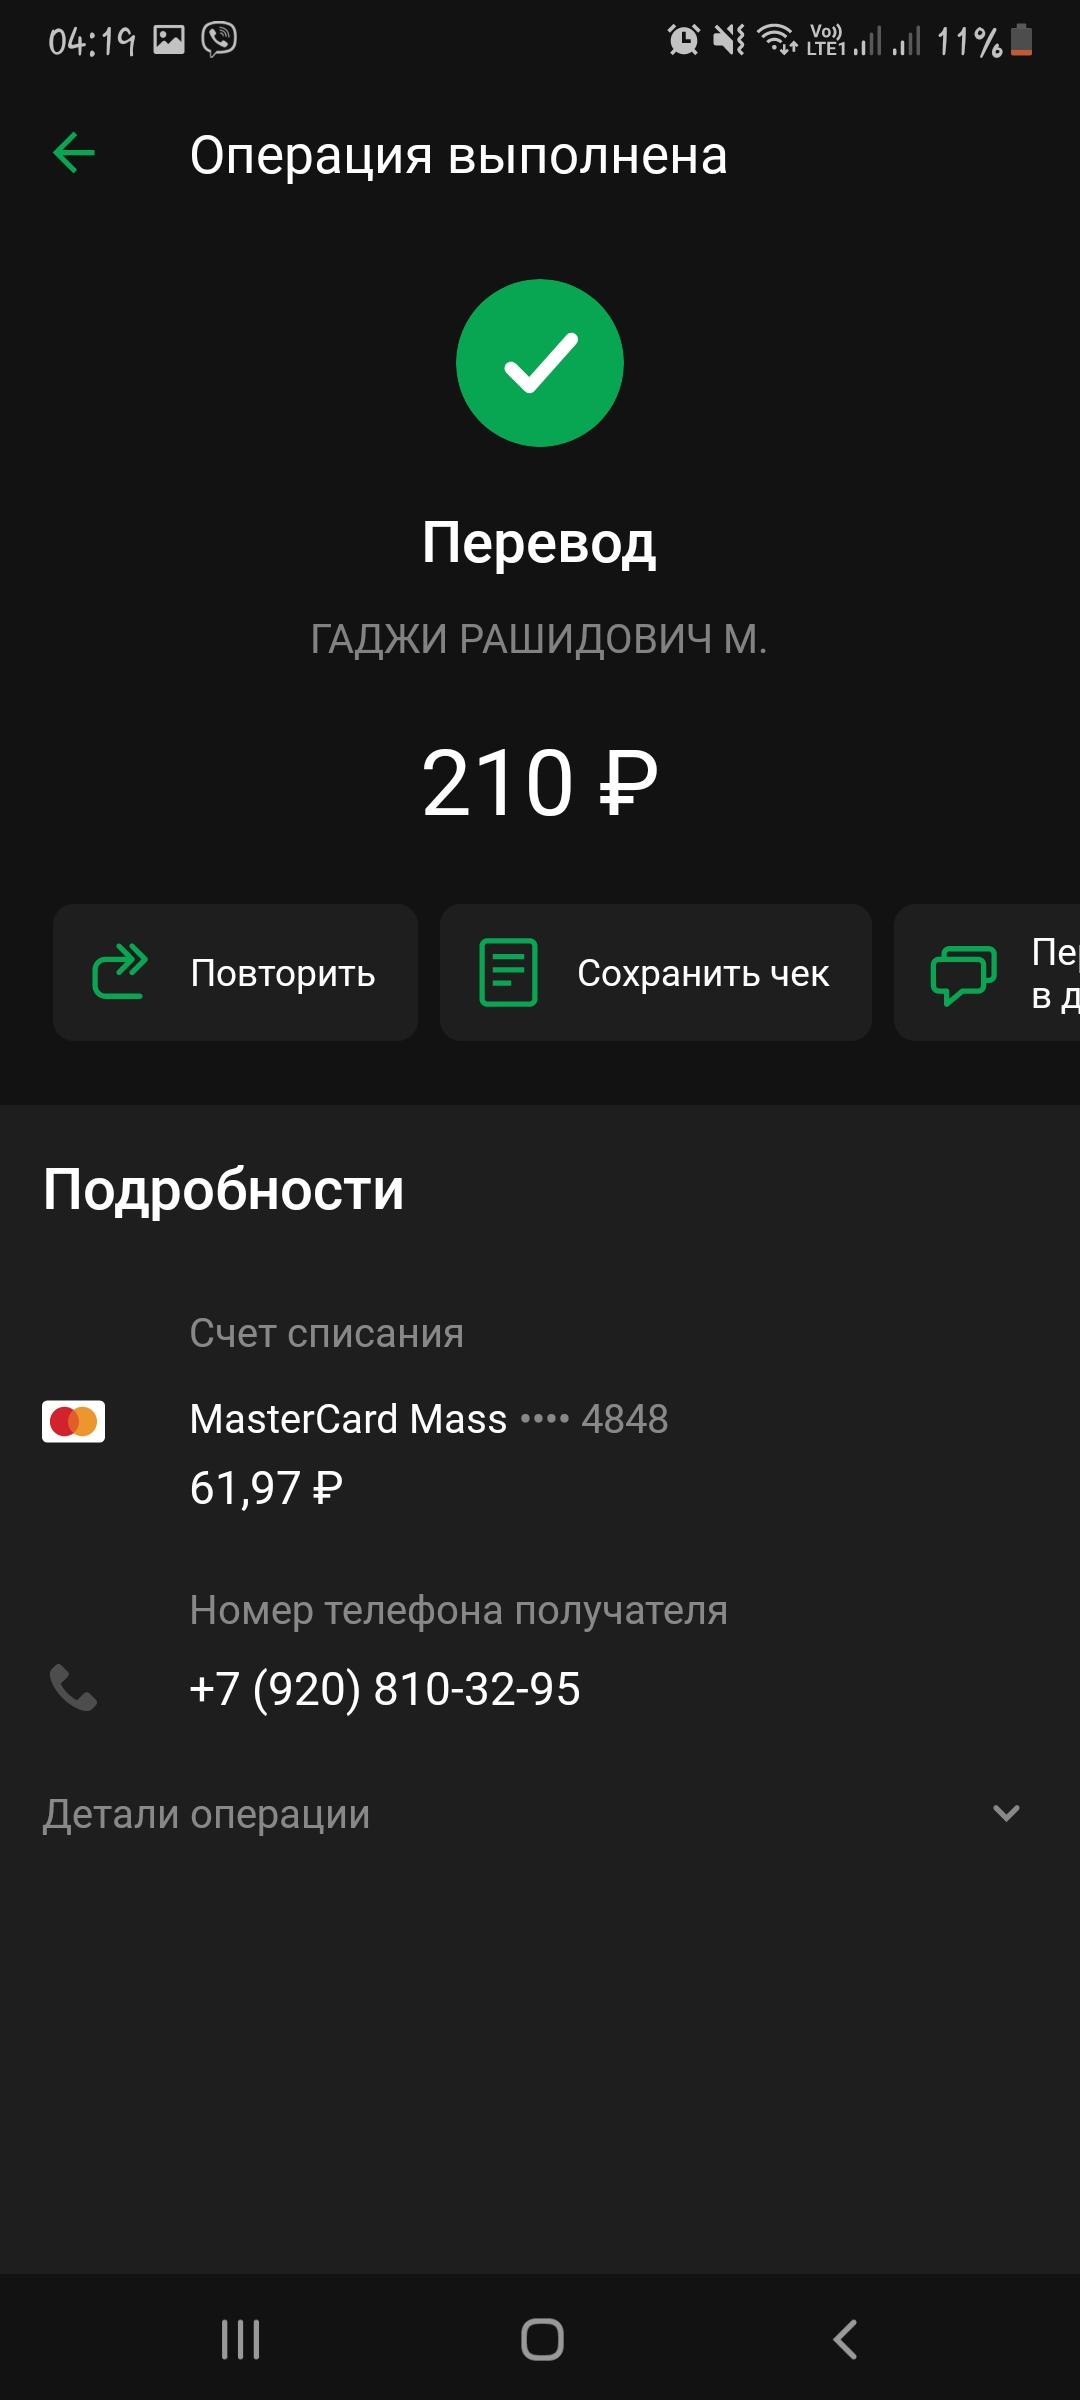 Screenshot_20210115-041929.jpg